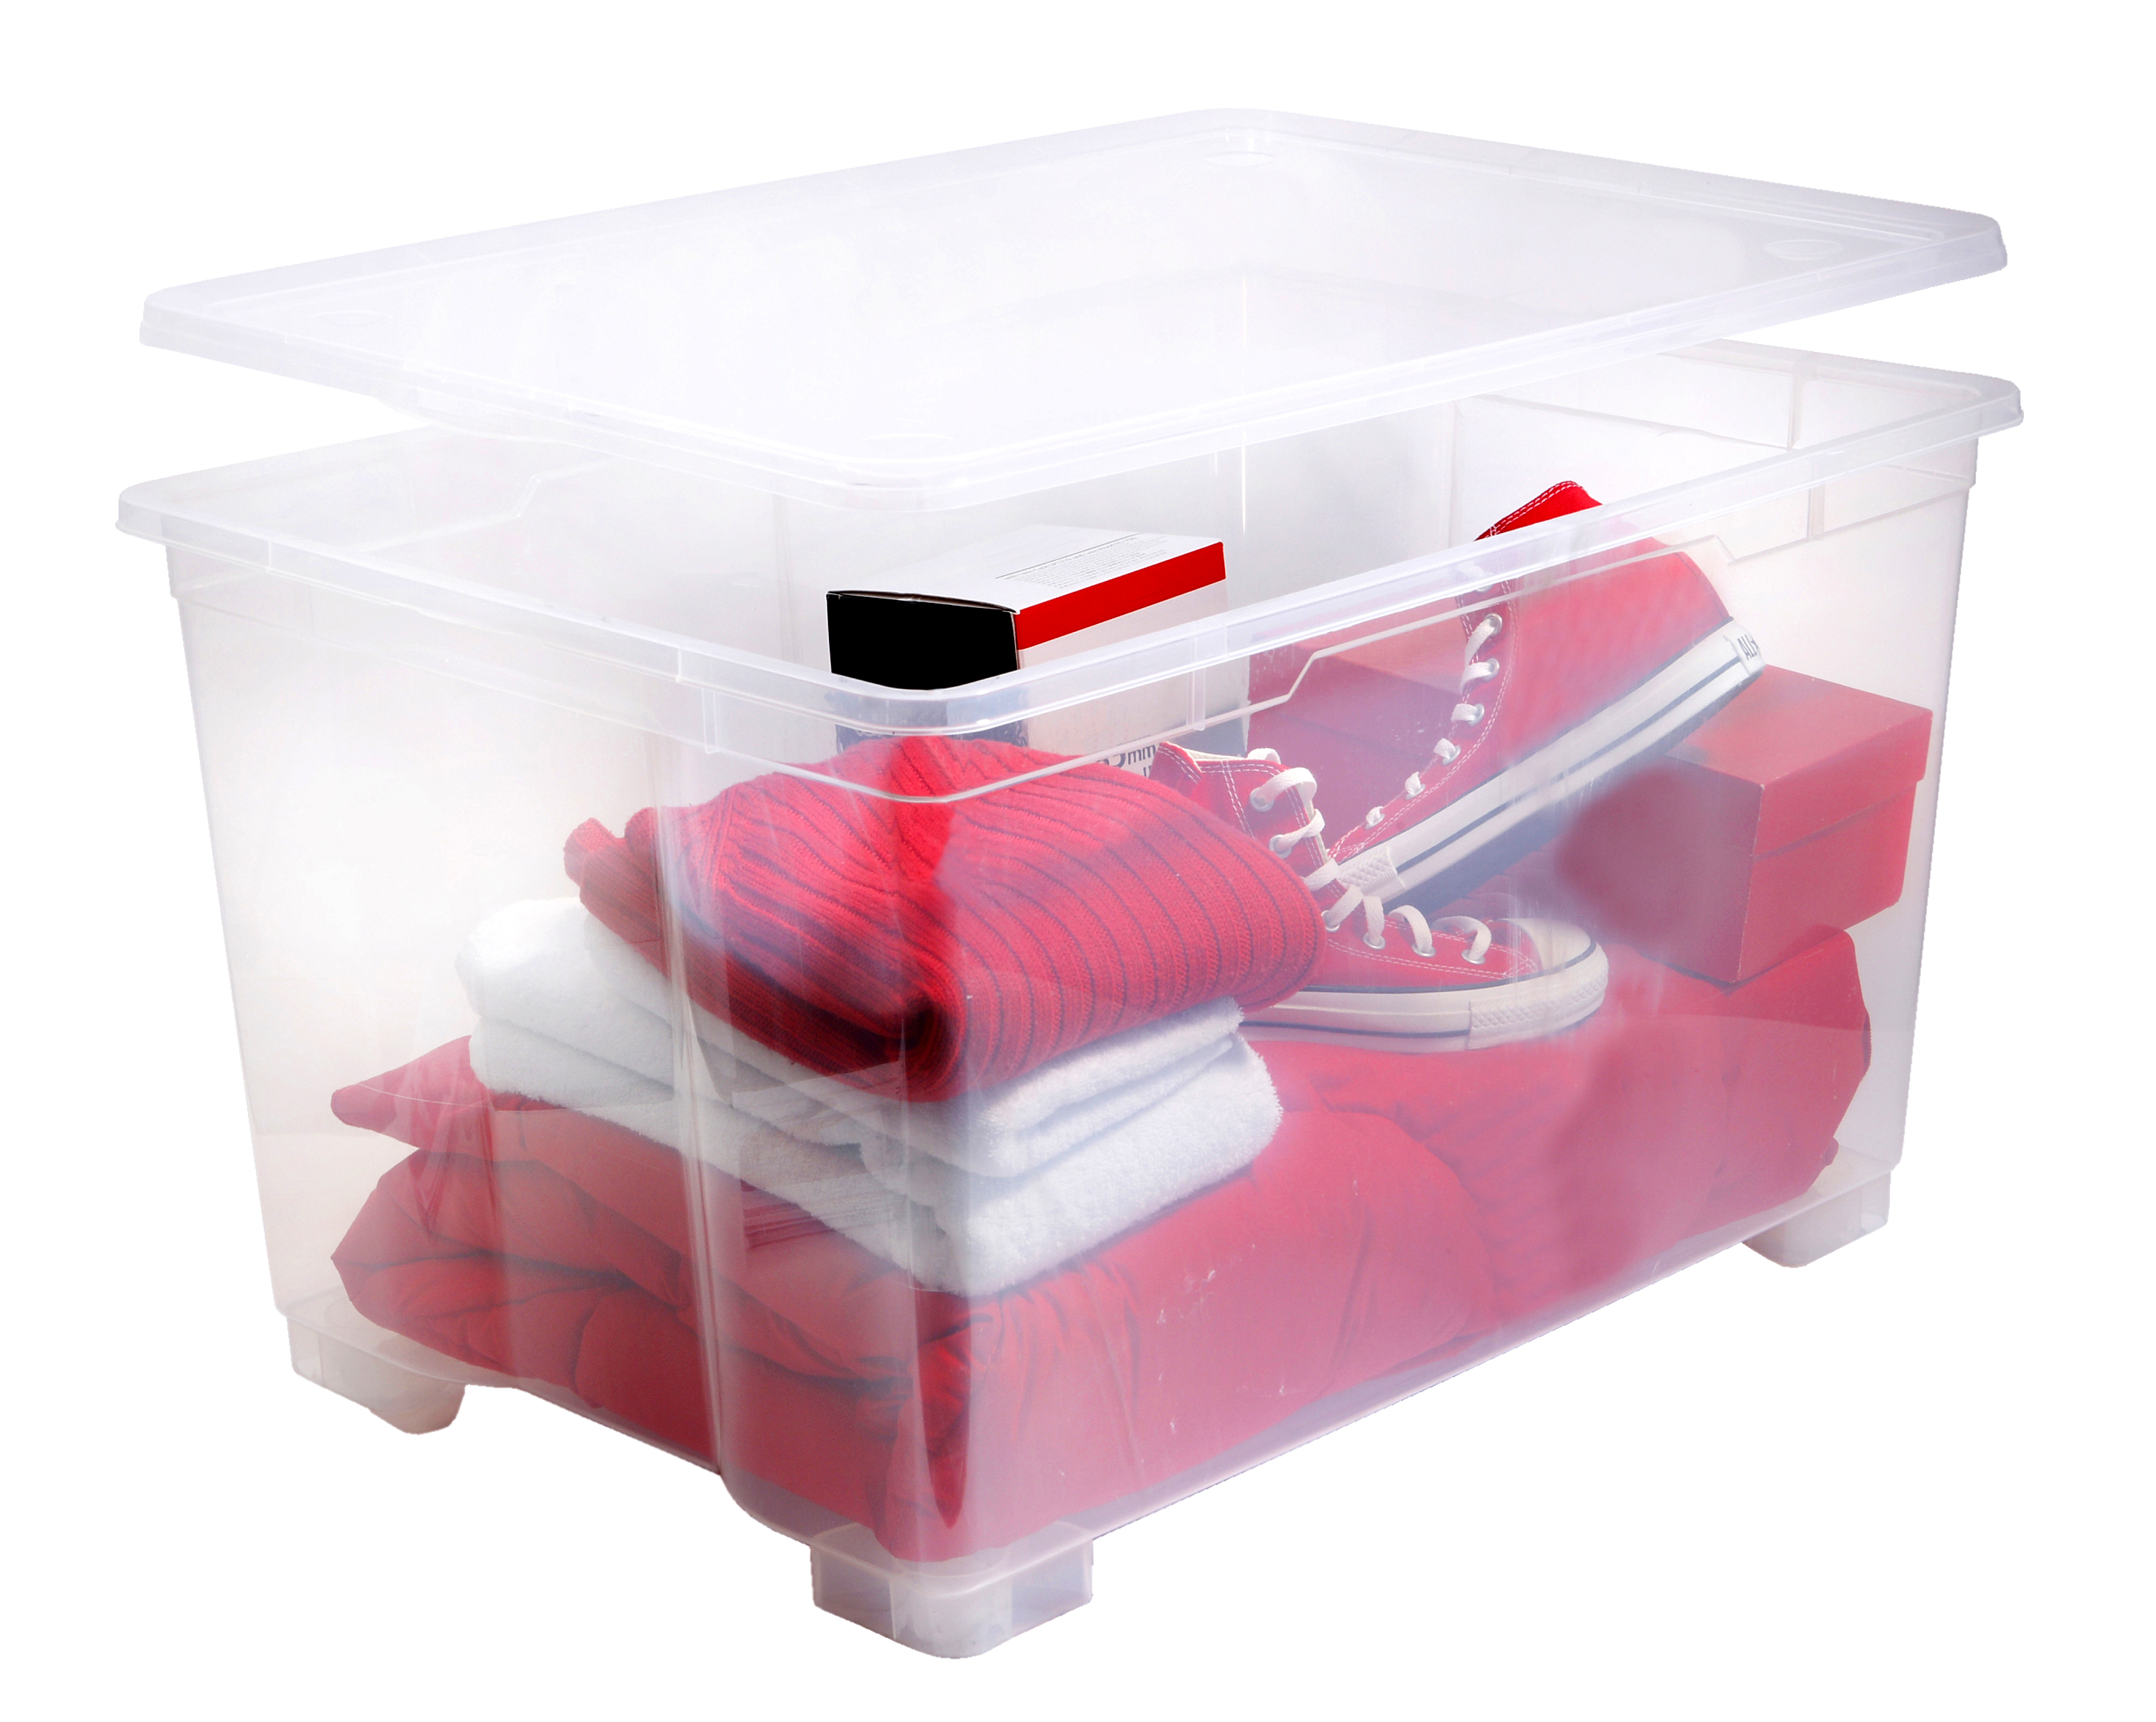 caisse de rangement plastique pliable. Black Bedroom Furniture Sets. Home Design Ideas